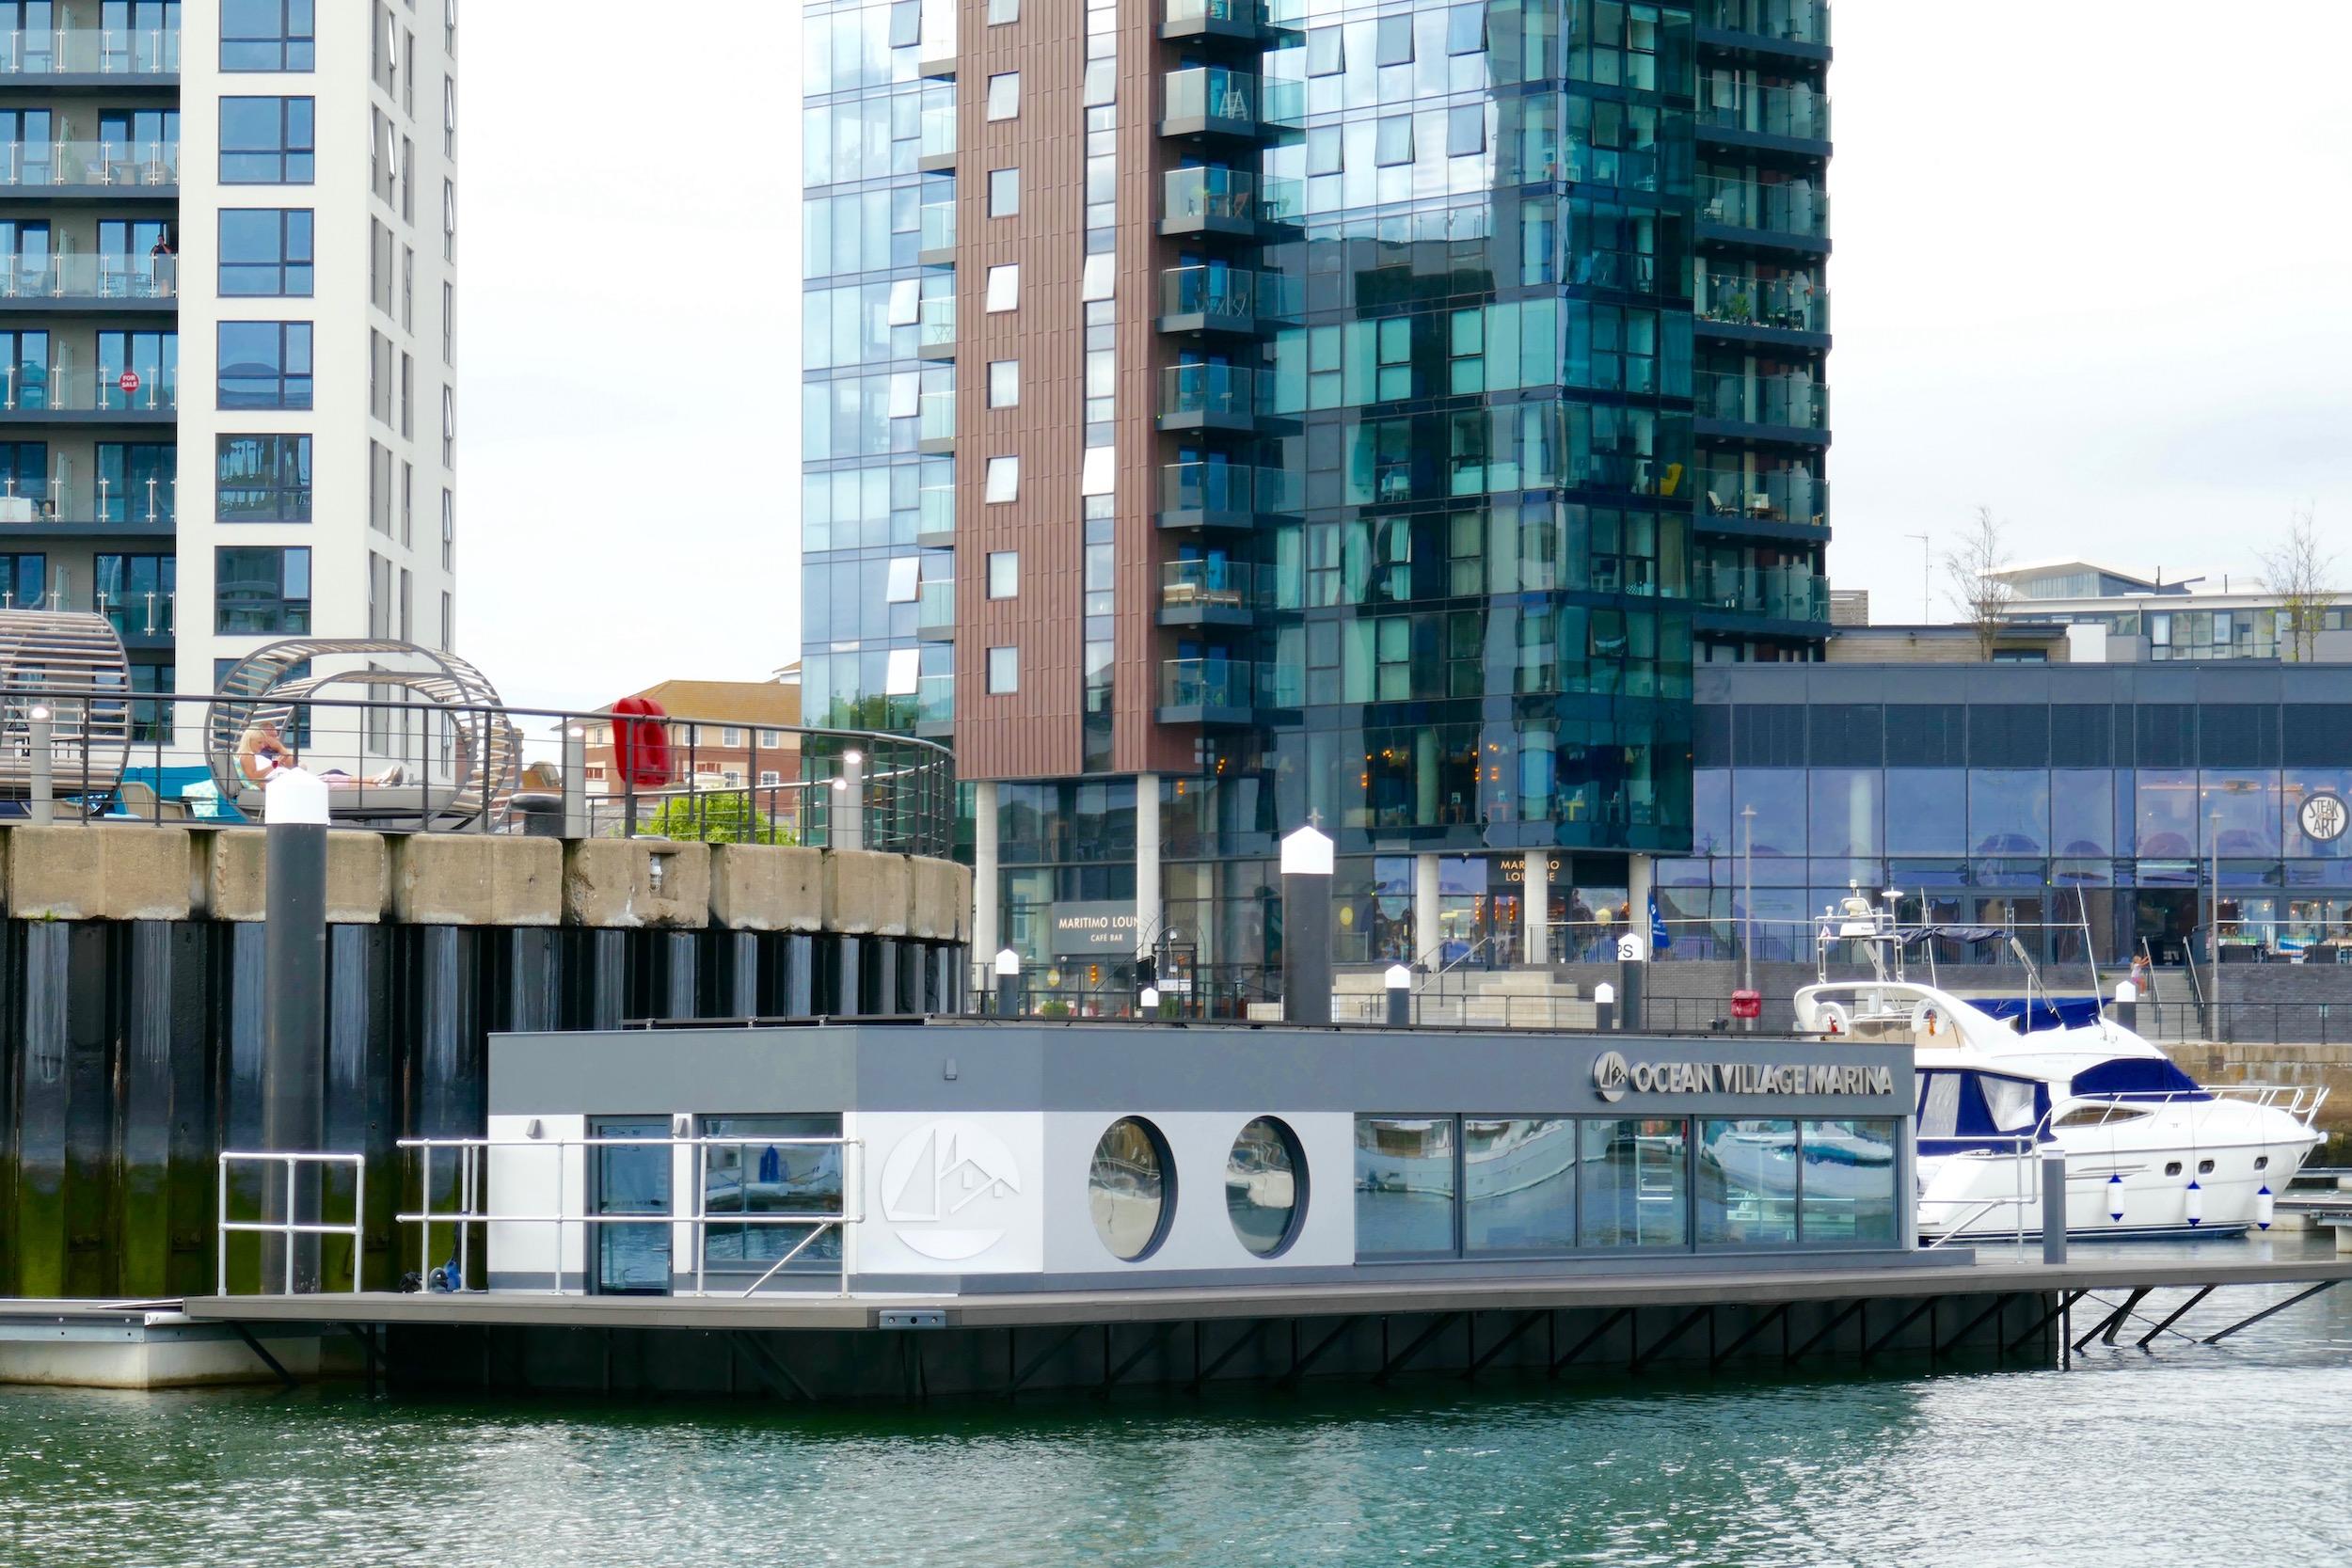 Floating Office-Ocean Village.jpg